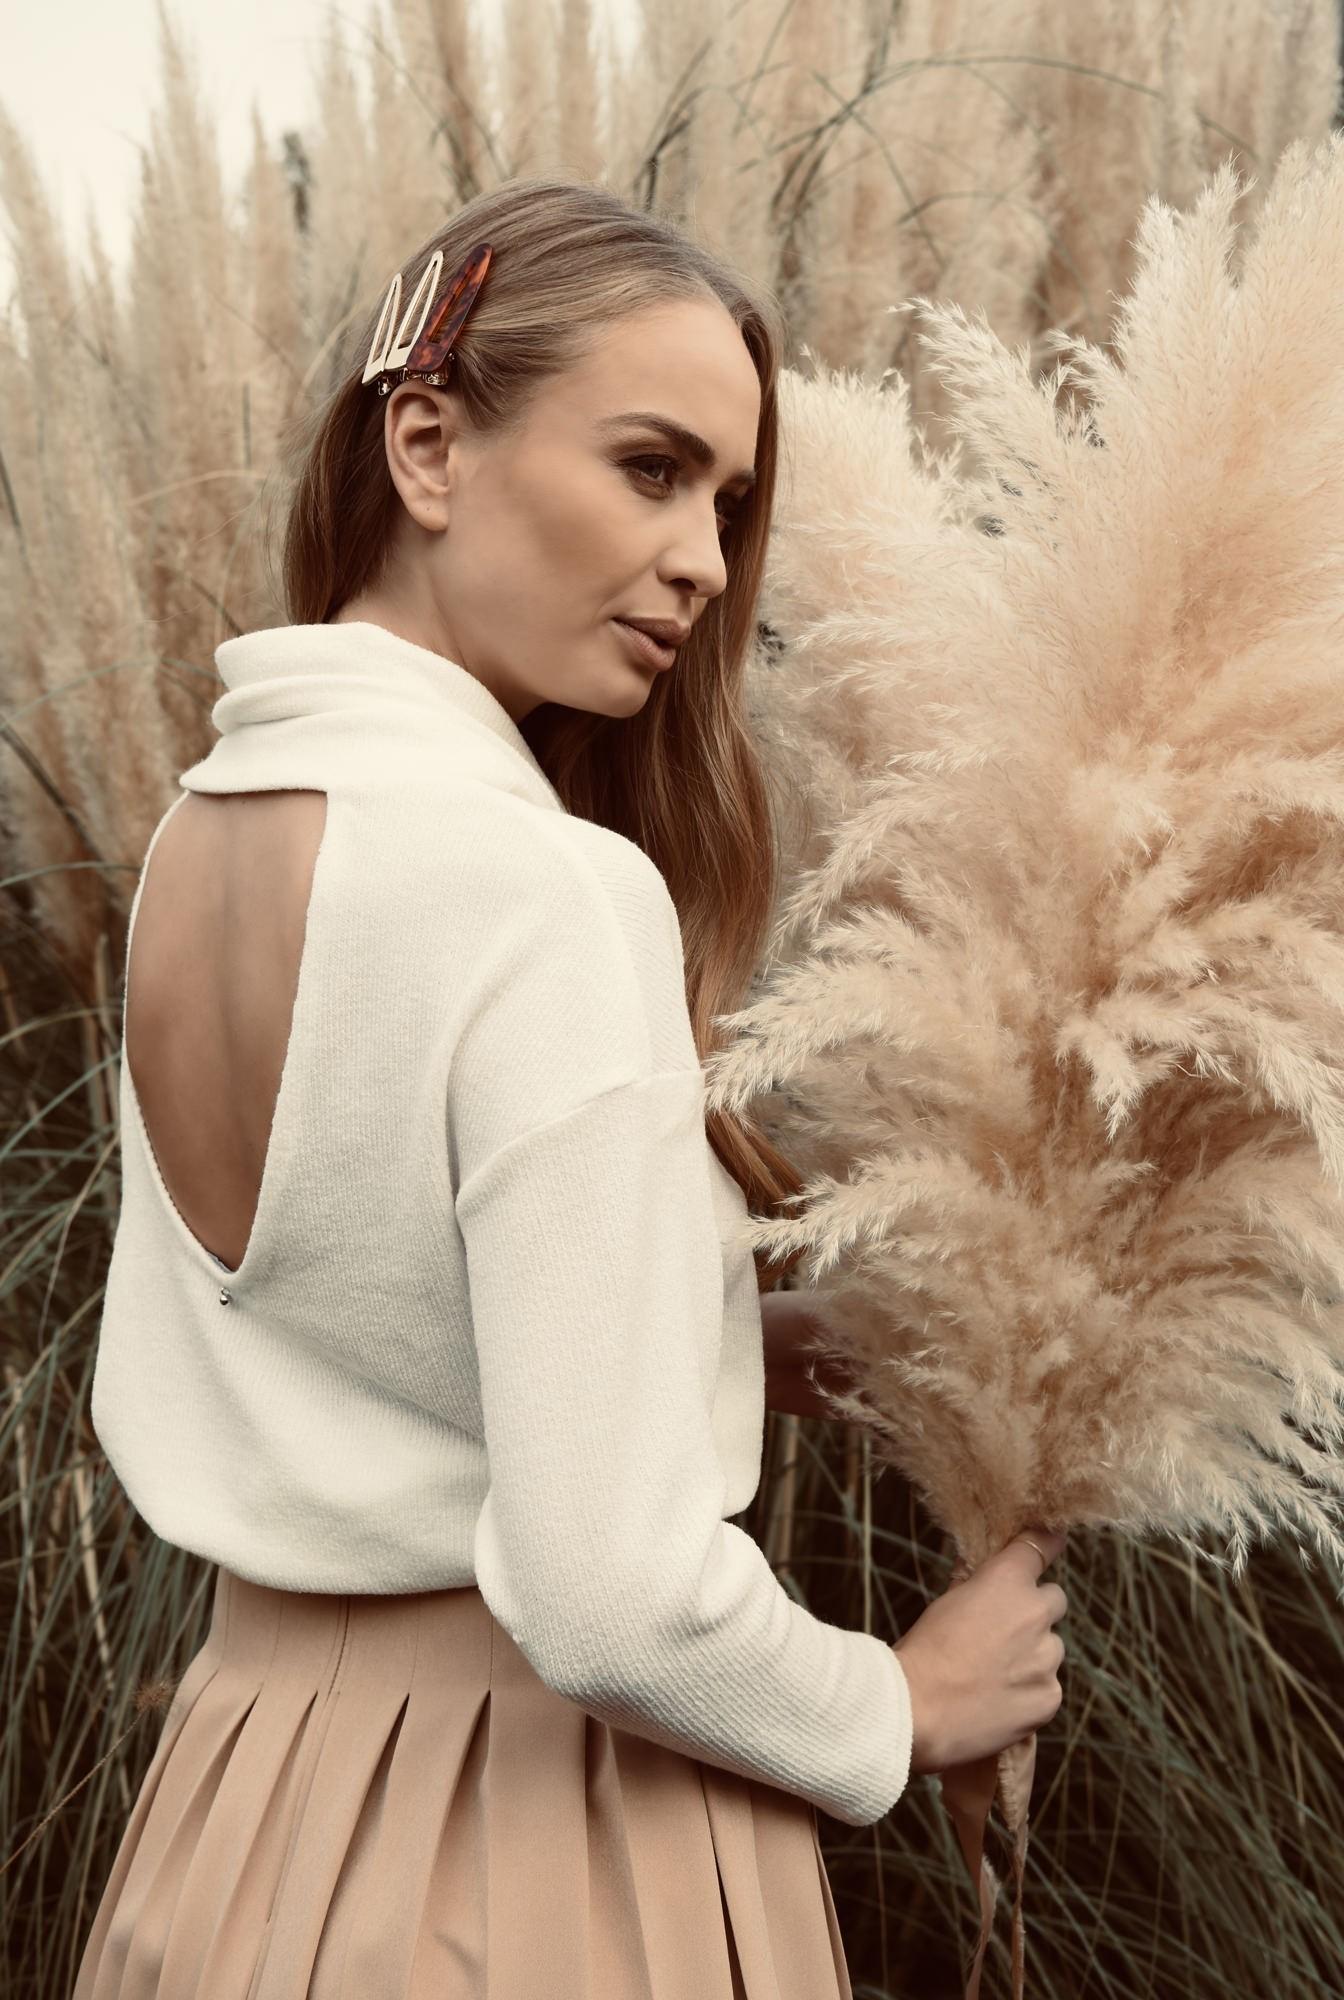 0 - pulover alb, cu guler, cu spatele decupat, cu maneca lunga